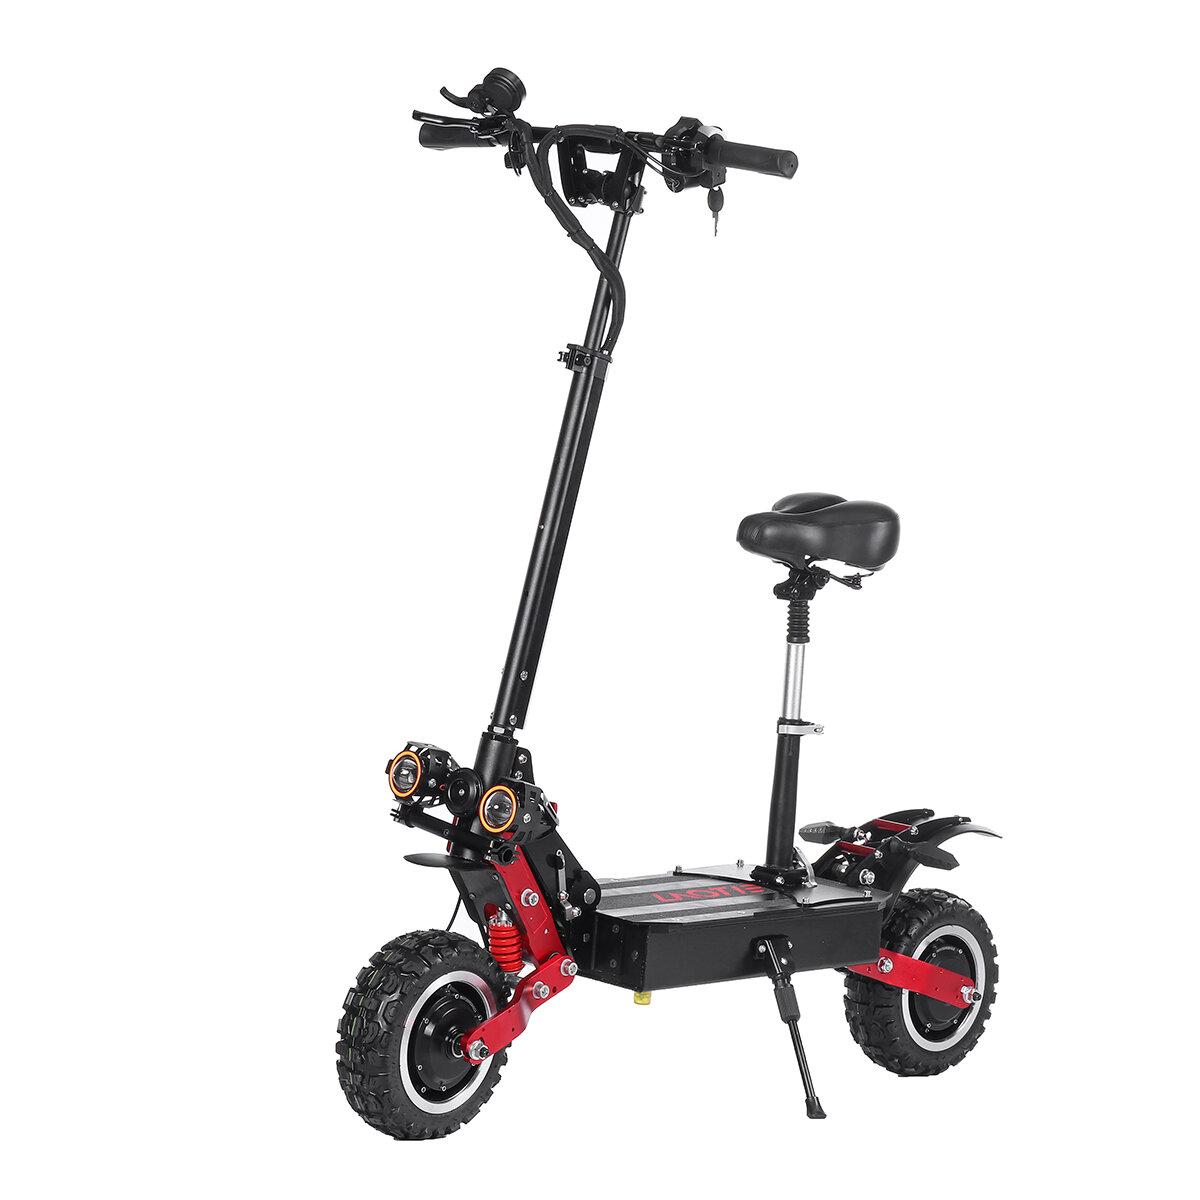 A Banggoodnál megőrültek, egy rakat elektromos kerékpár és roller ára visszavágva! 13